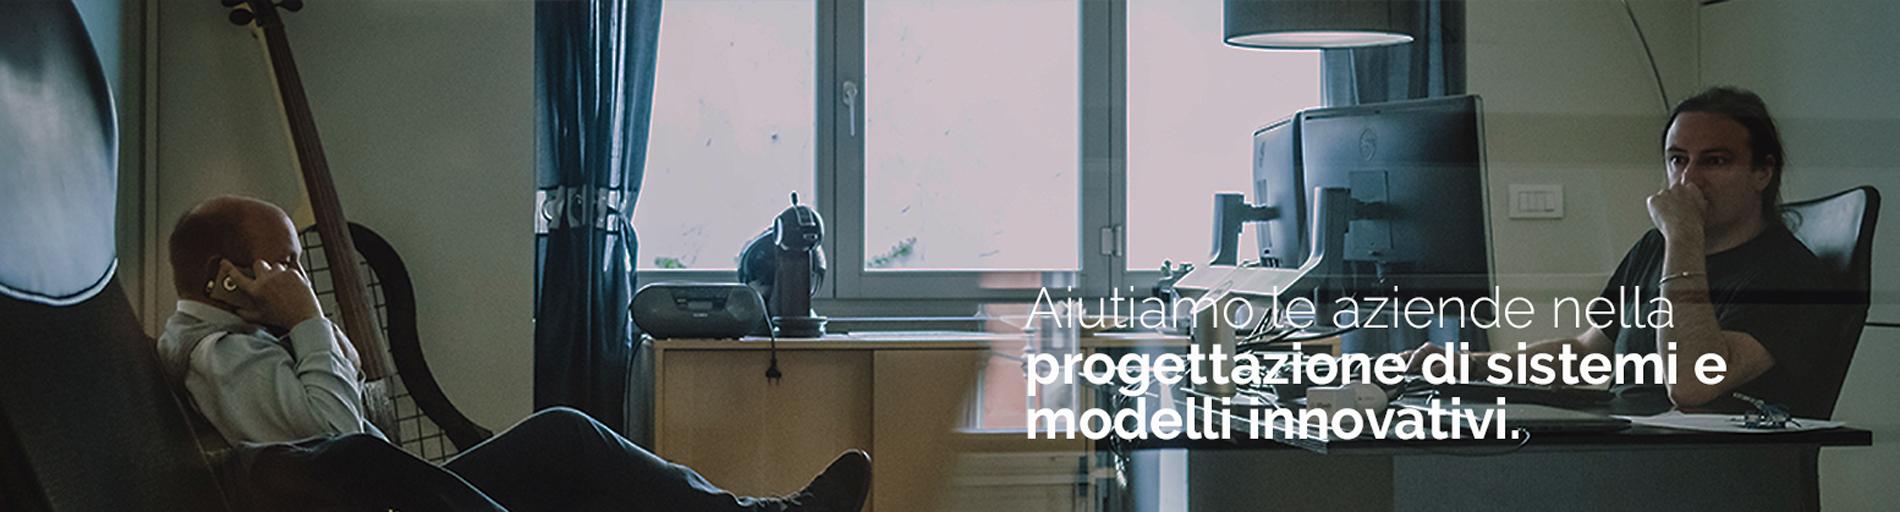 Aiutiamo le aziende nella progettazione di sistemi e modelli innovativi